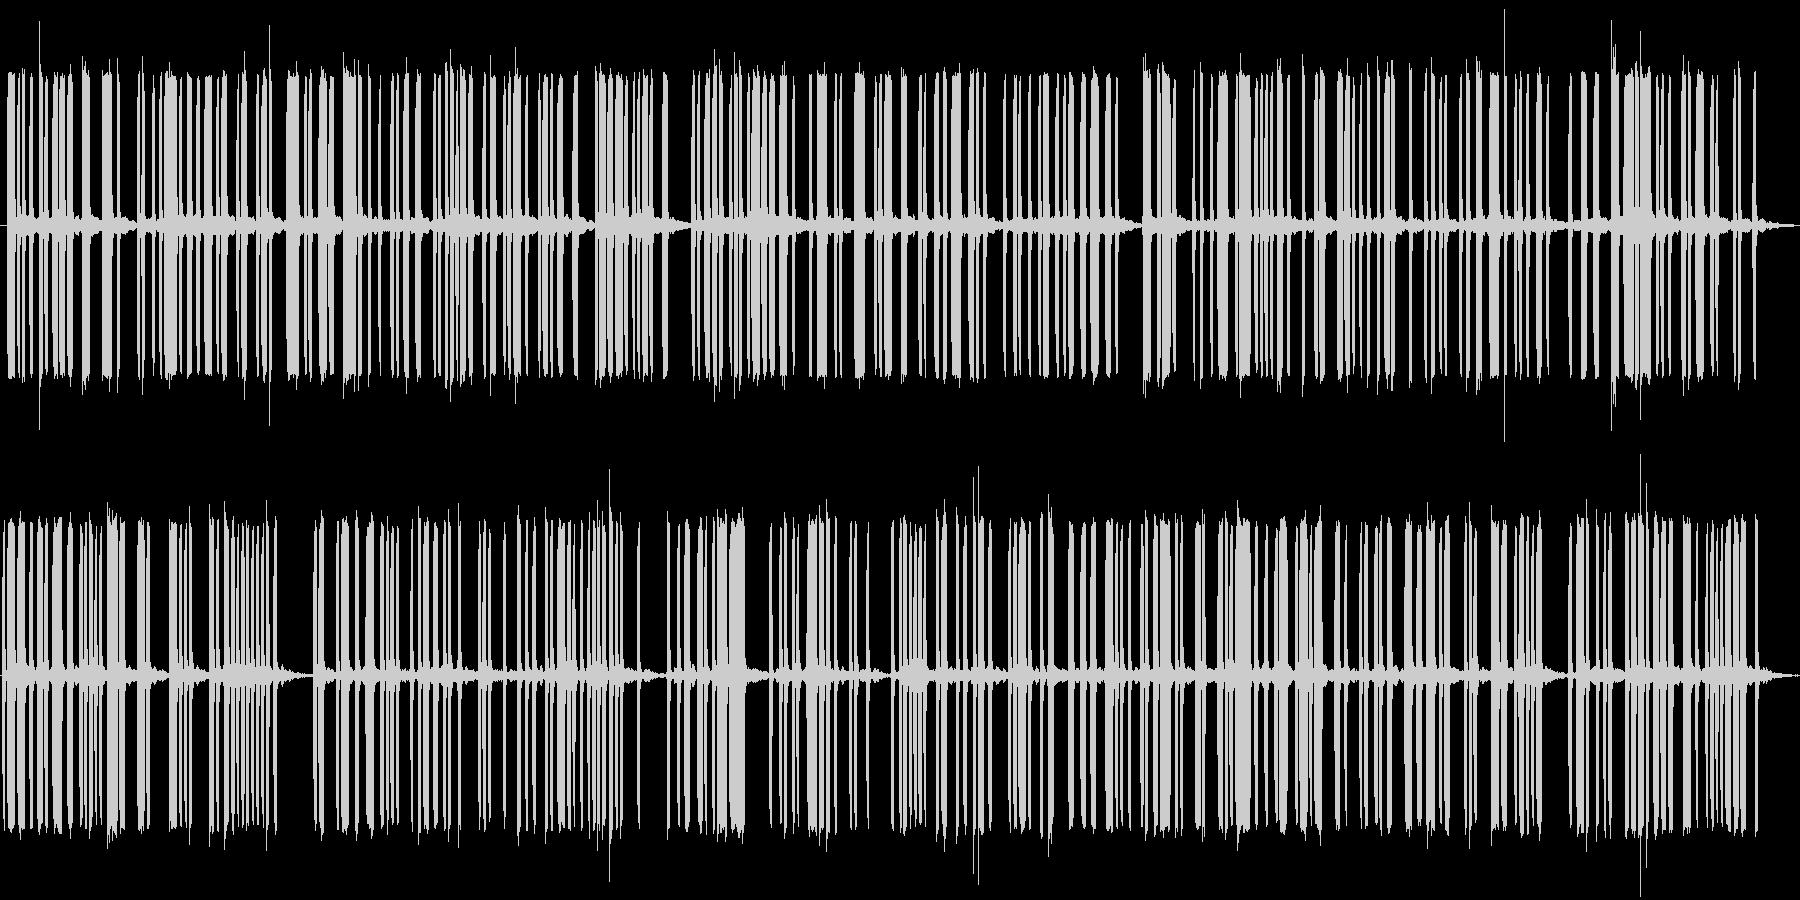 電気信号の未再生の波形